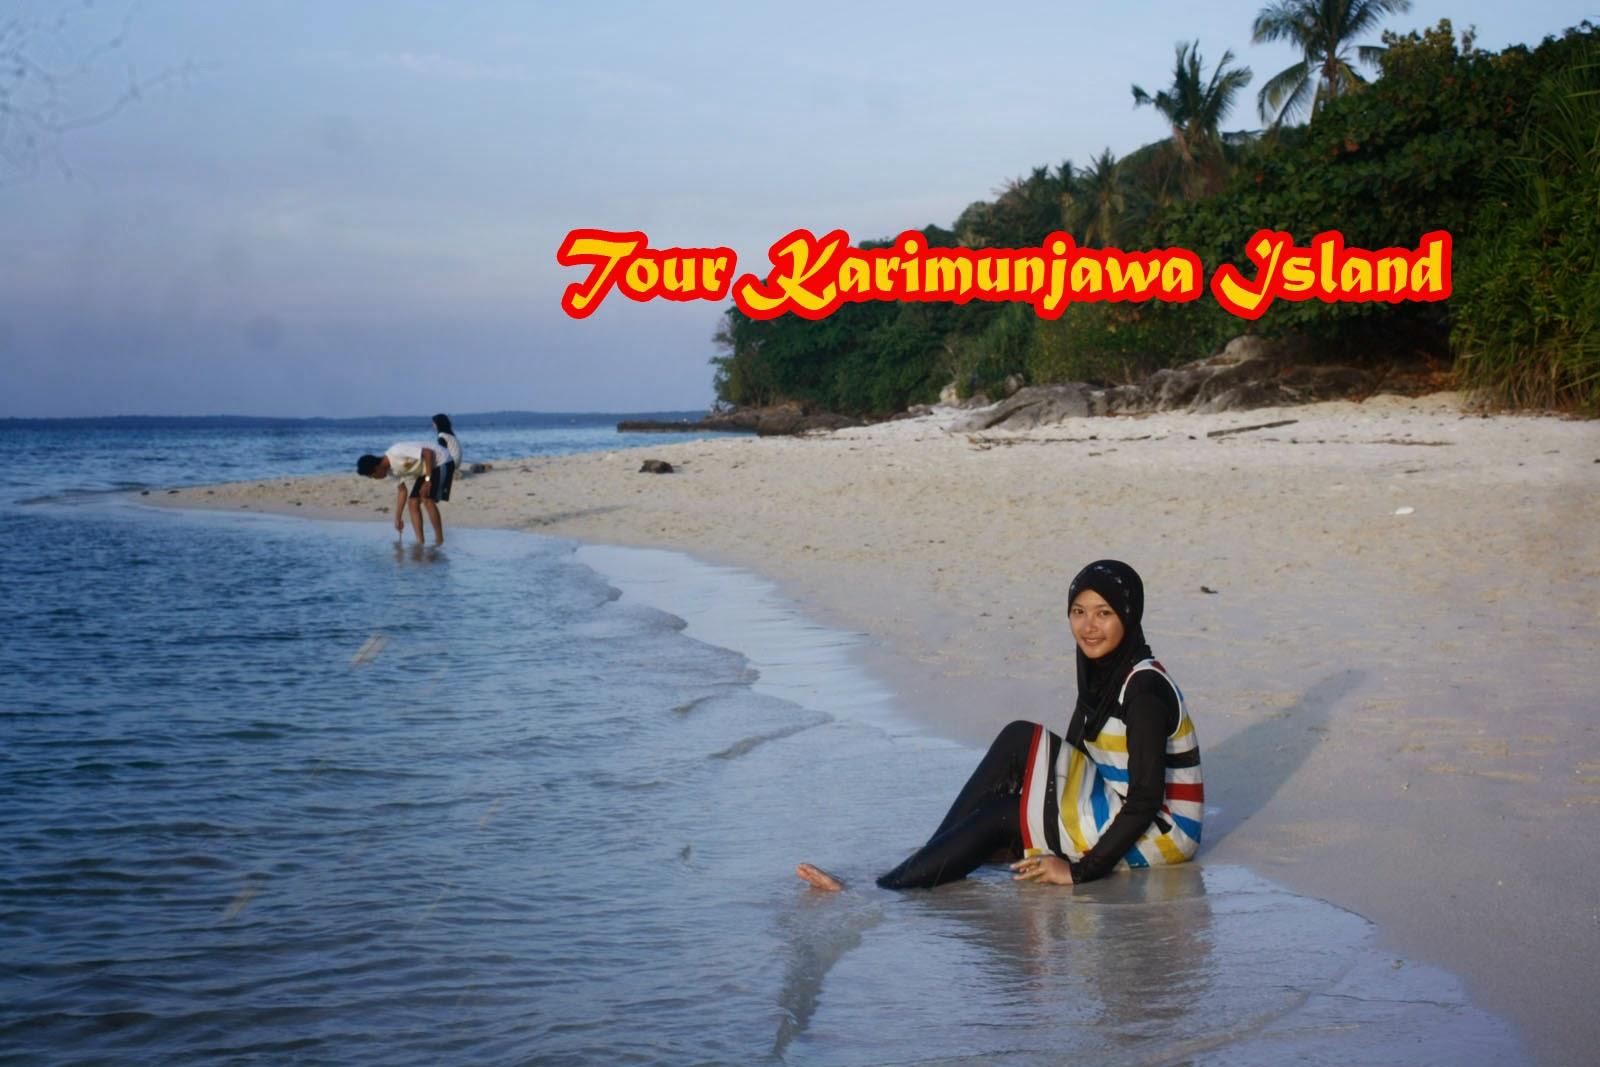 Indahnya Karimunjawa Tanjung Gelam, Panorama karimunjawa, pantai karimunjawa, pulau karimun jawa, bawah laut karimunjawa, indahnya karimunjawa, tour karimunjawa, paket wisata karimunjawa, trip karimunjawa